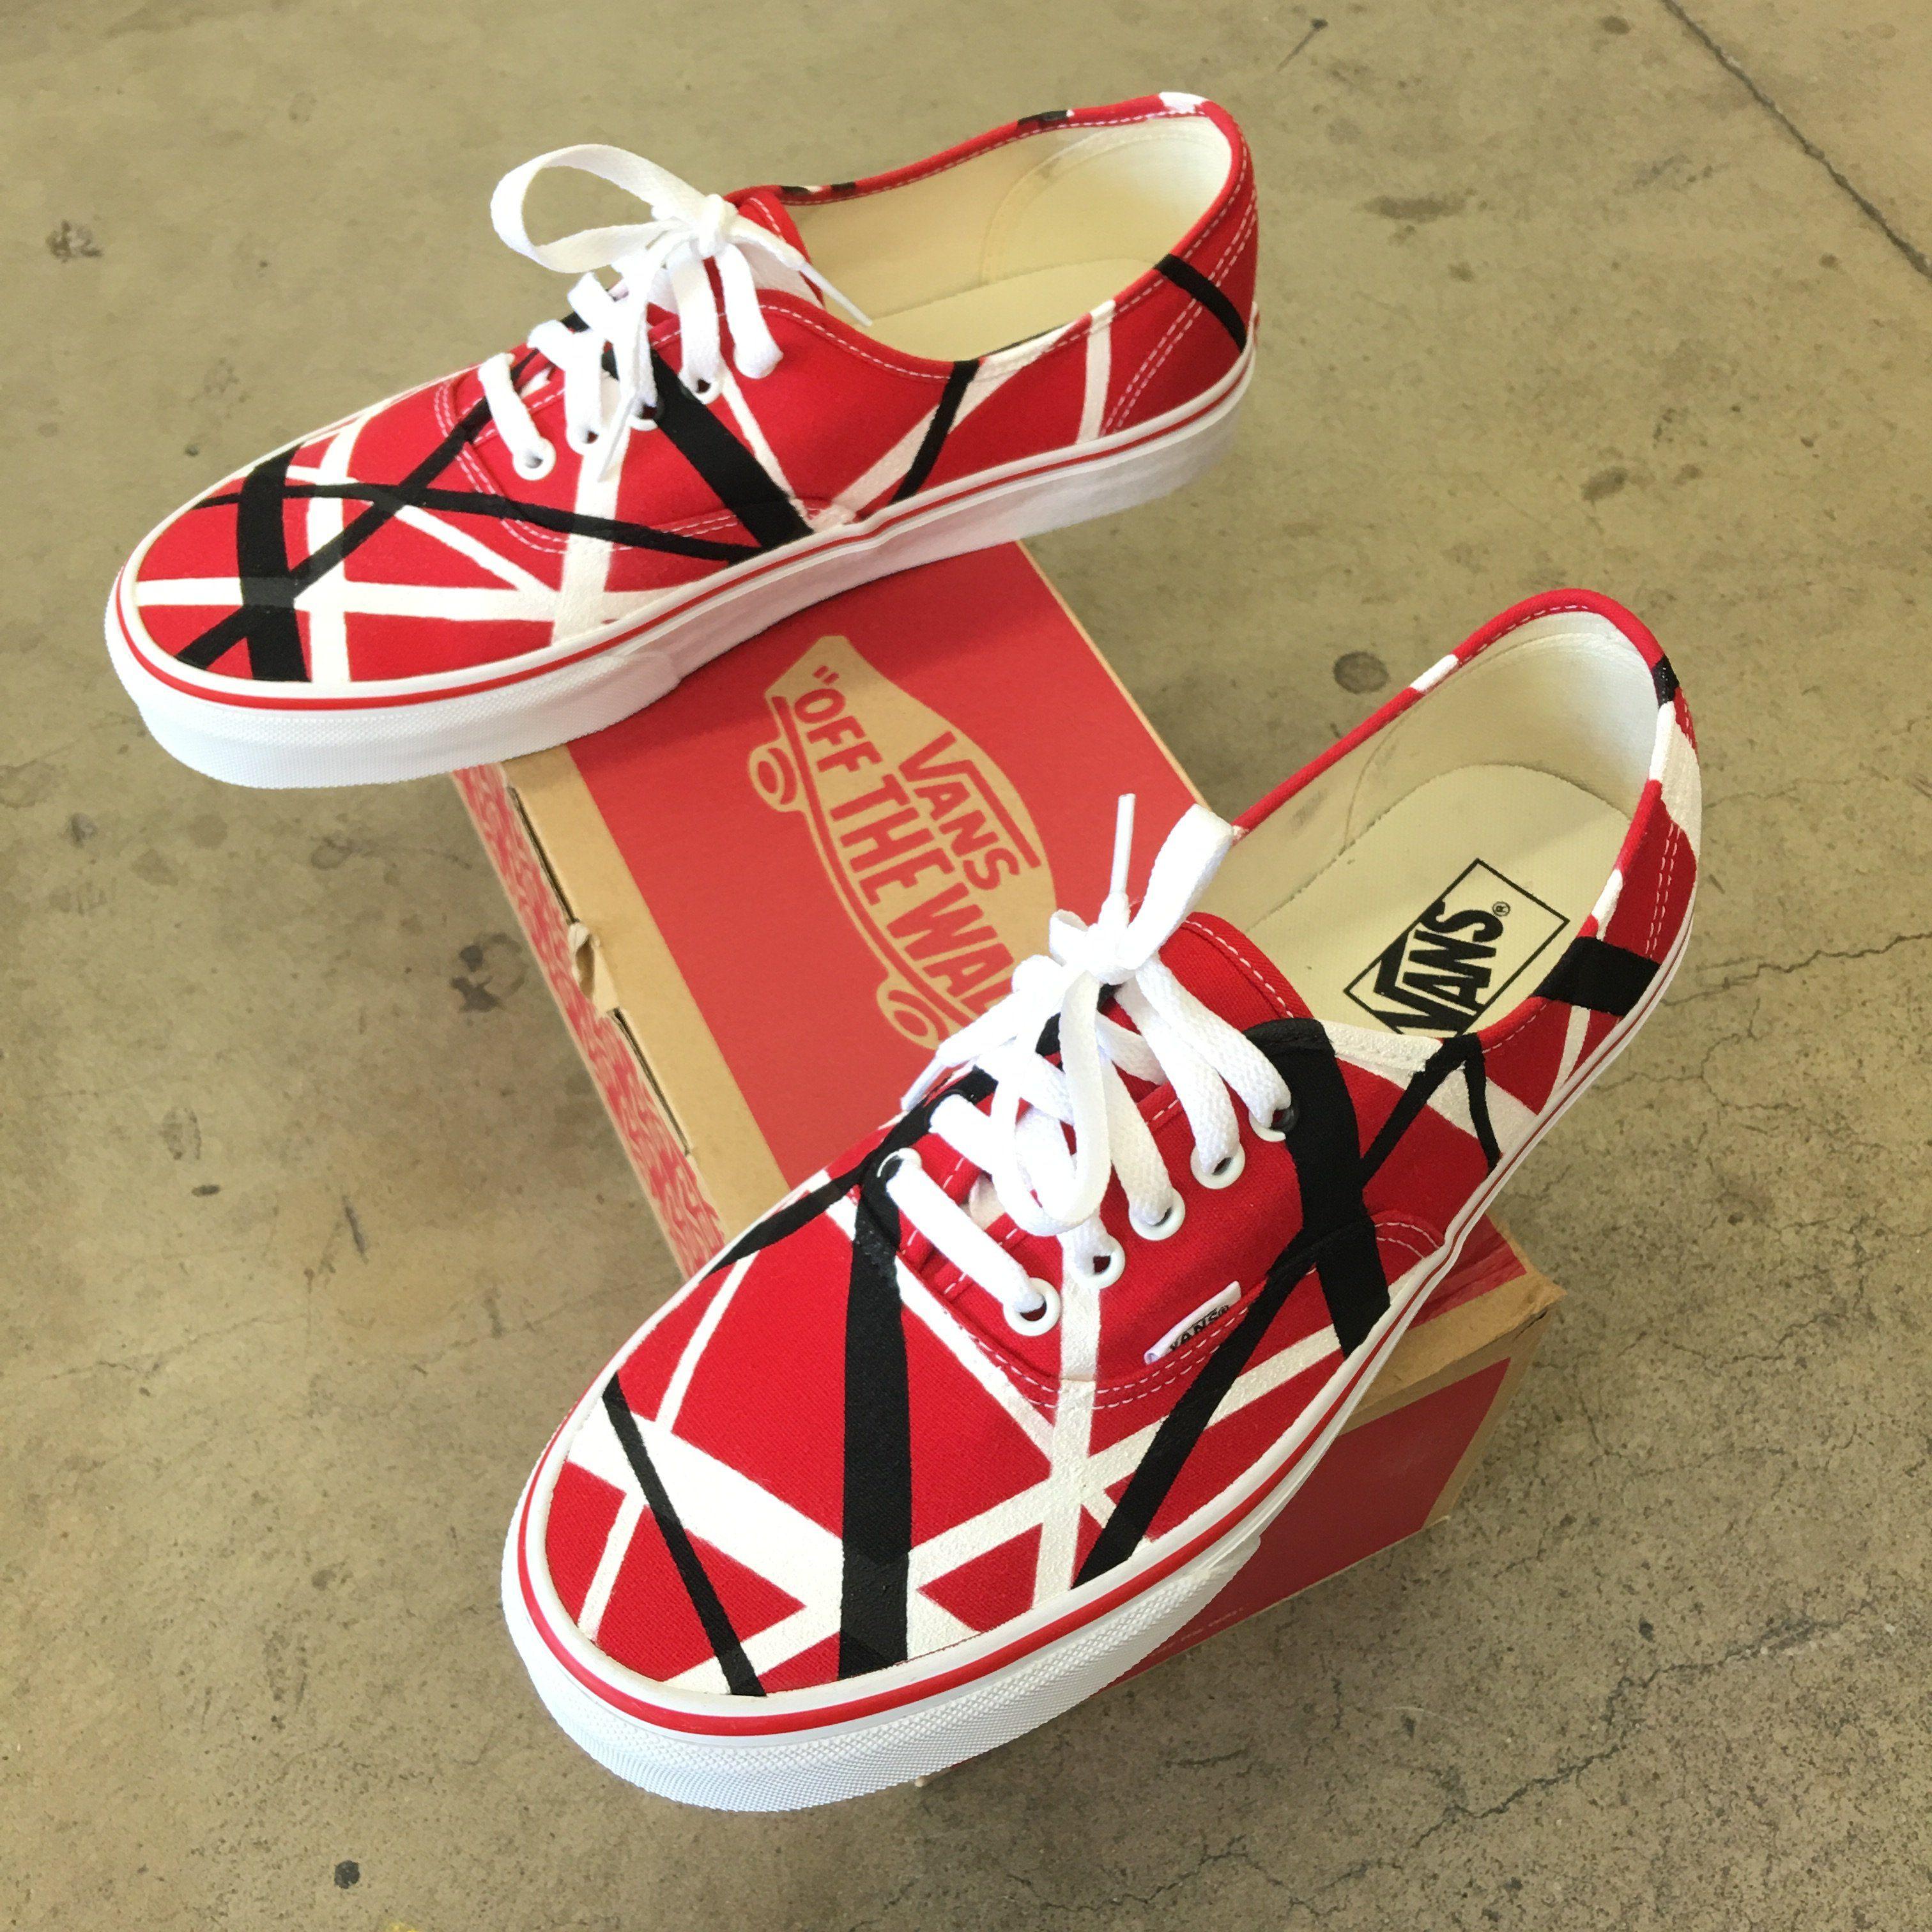 Van Halen Theme Vans Authentic Shoes Vans Pintadas Zapatos S A